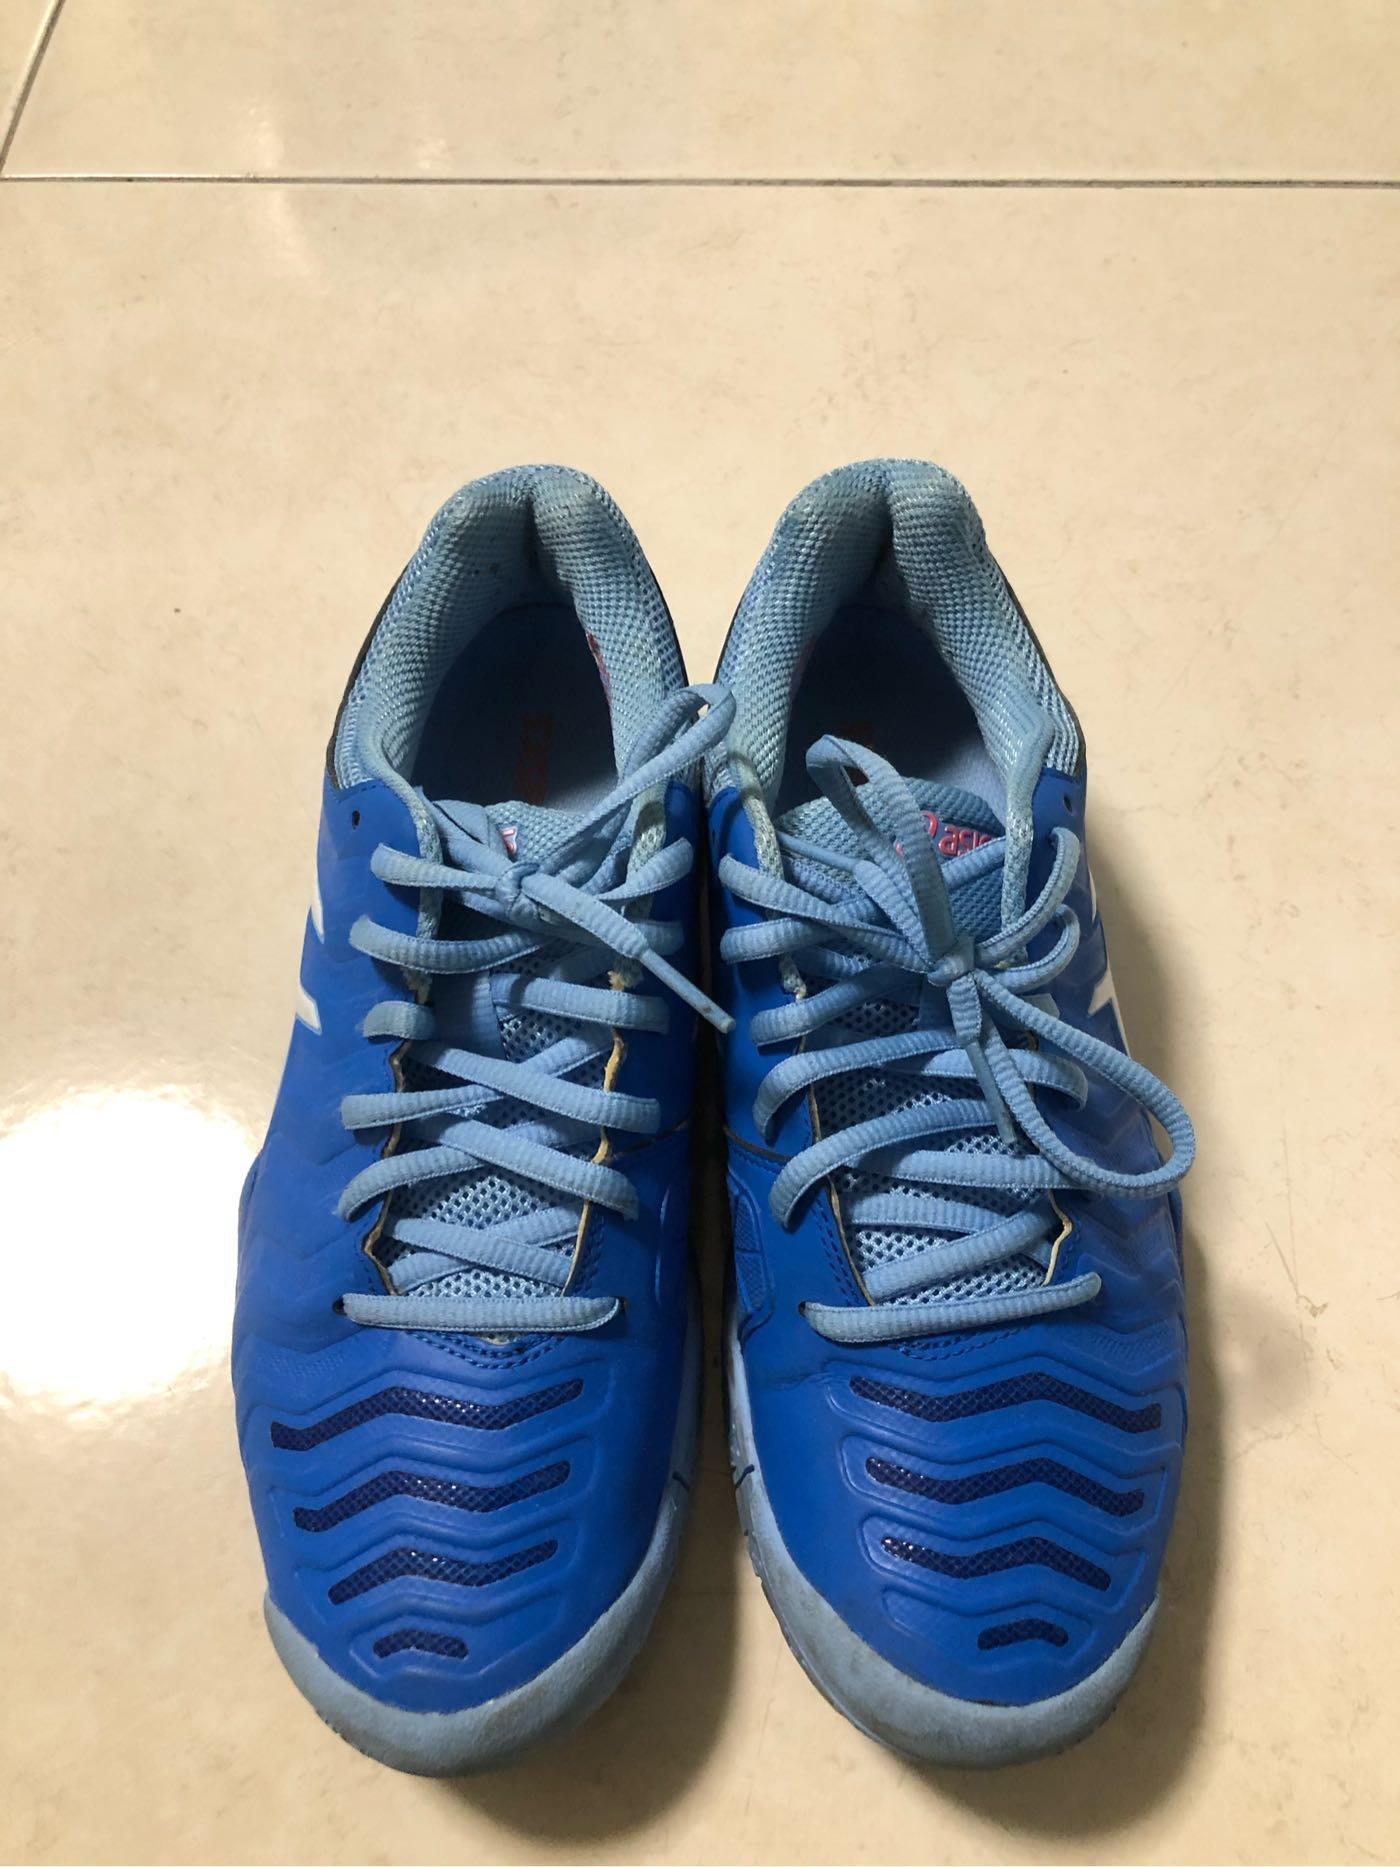 Asics GEL-Challenger 11 [E753Y-400] 女鞋網球緩衝穩定包覆輕量亞瑟士藍白